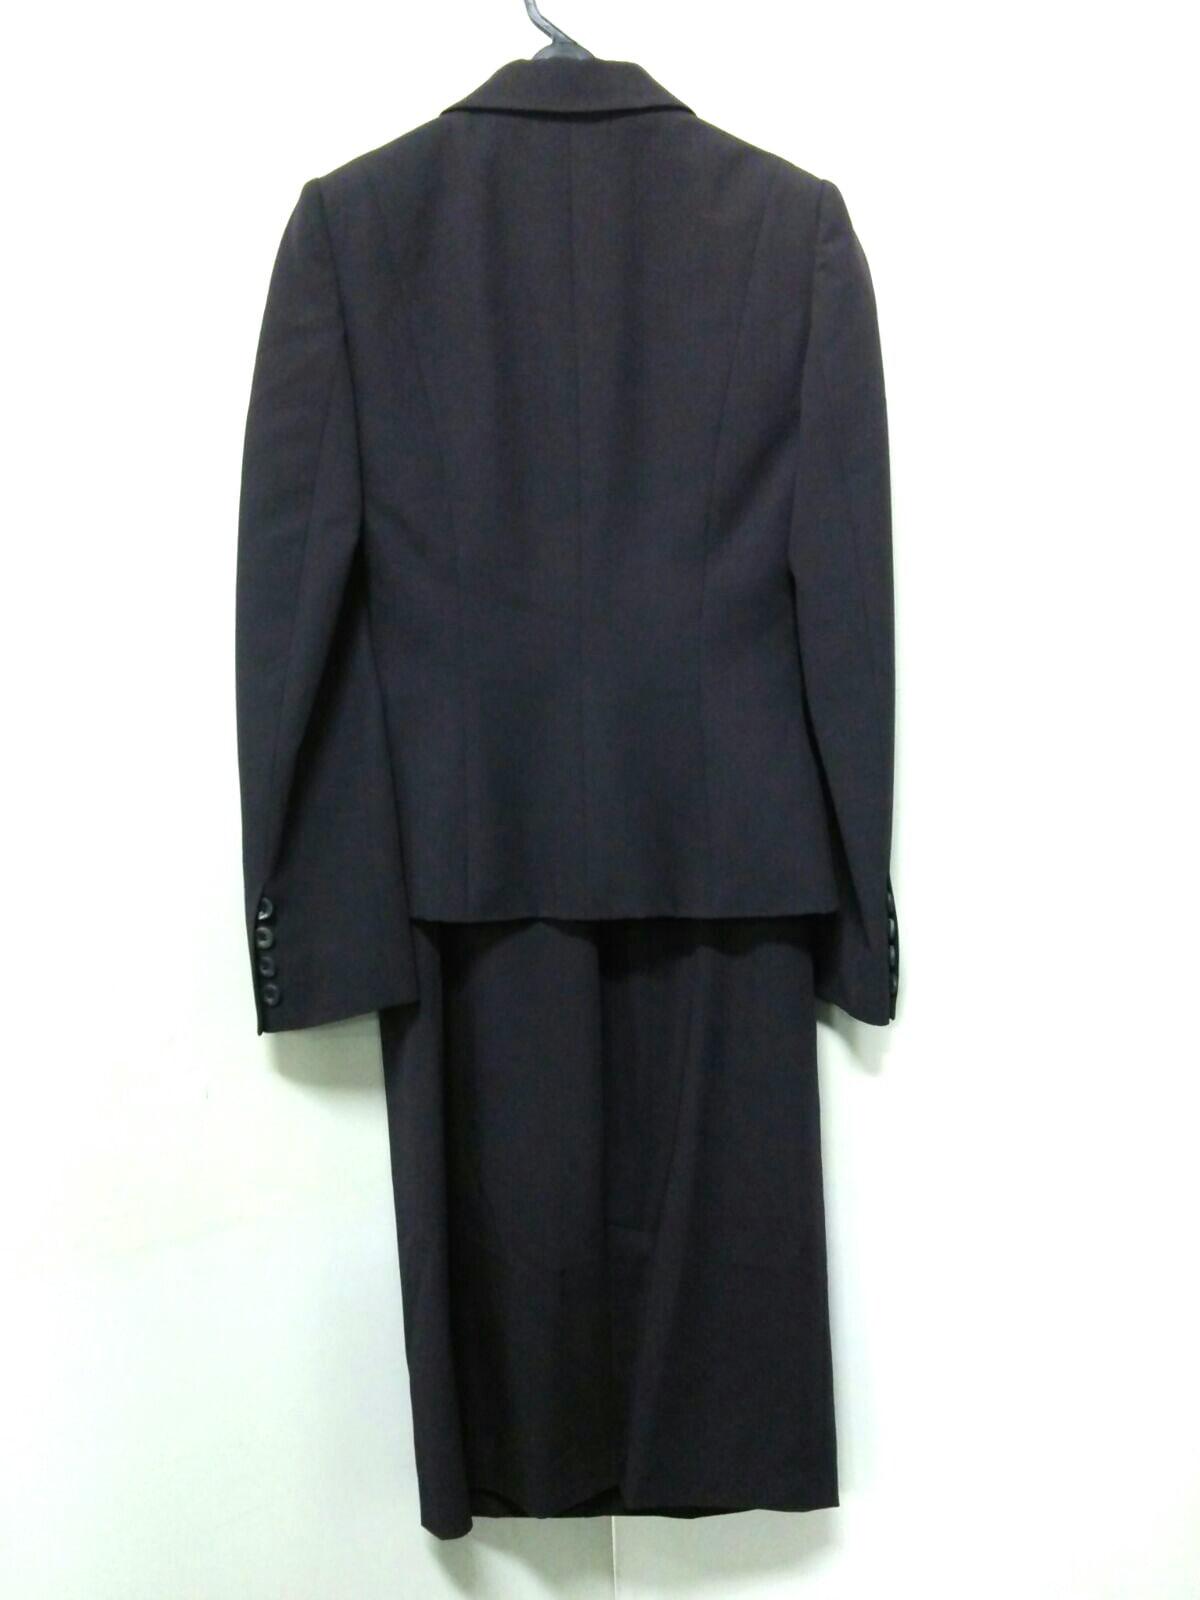 SalvatoreFerragamo(サルバトーレフェラガモ)のワンピーススーツ